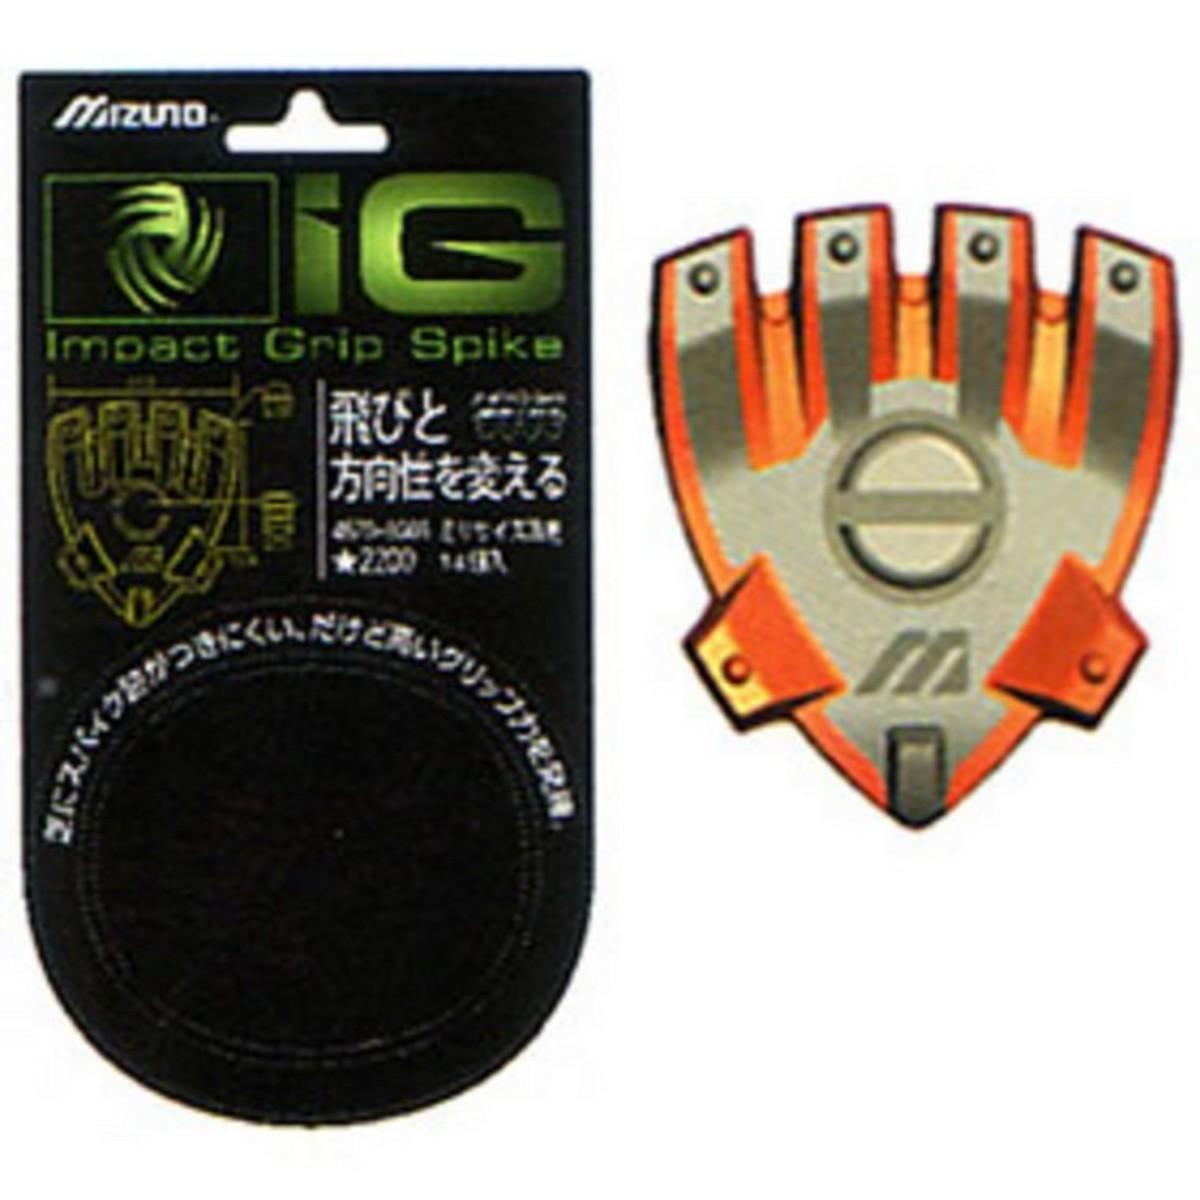 IG スパイク 45ZD-5066 【ミリ】 (ミズノIGシステム専用スパイク)